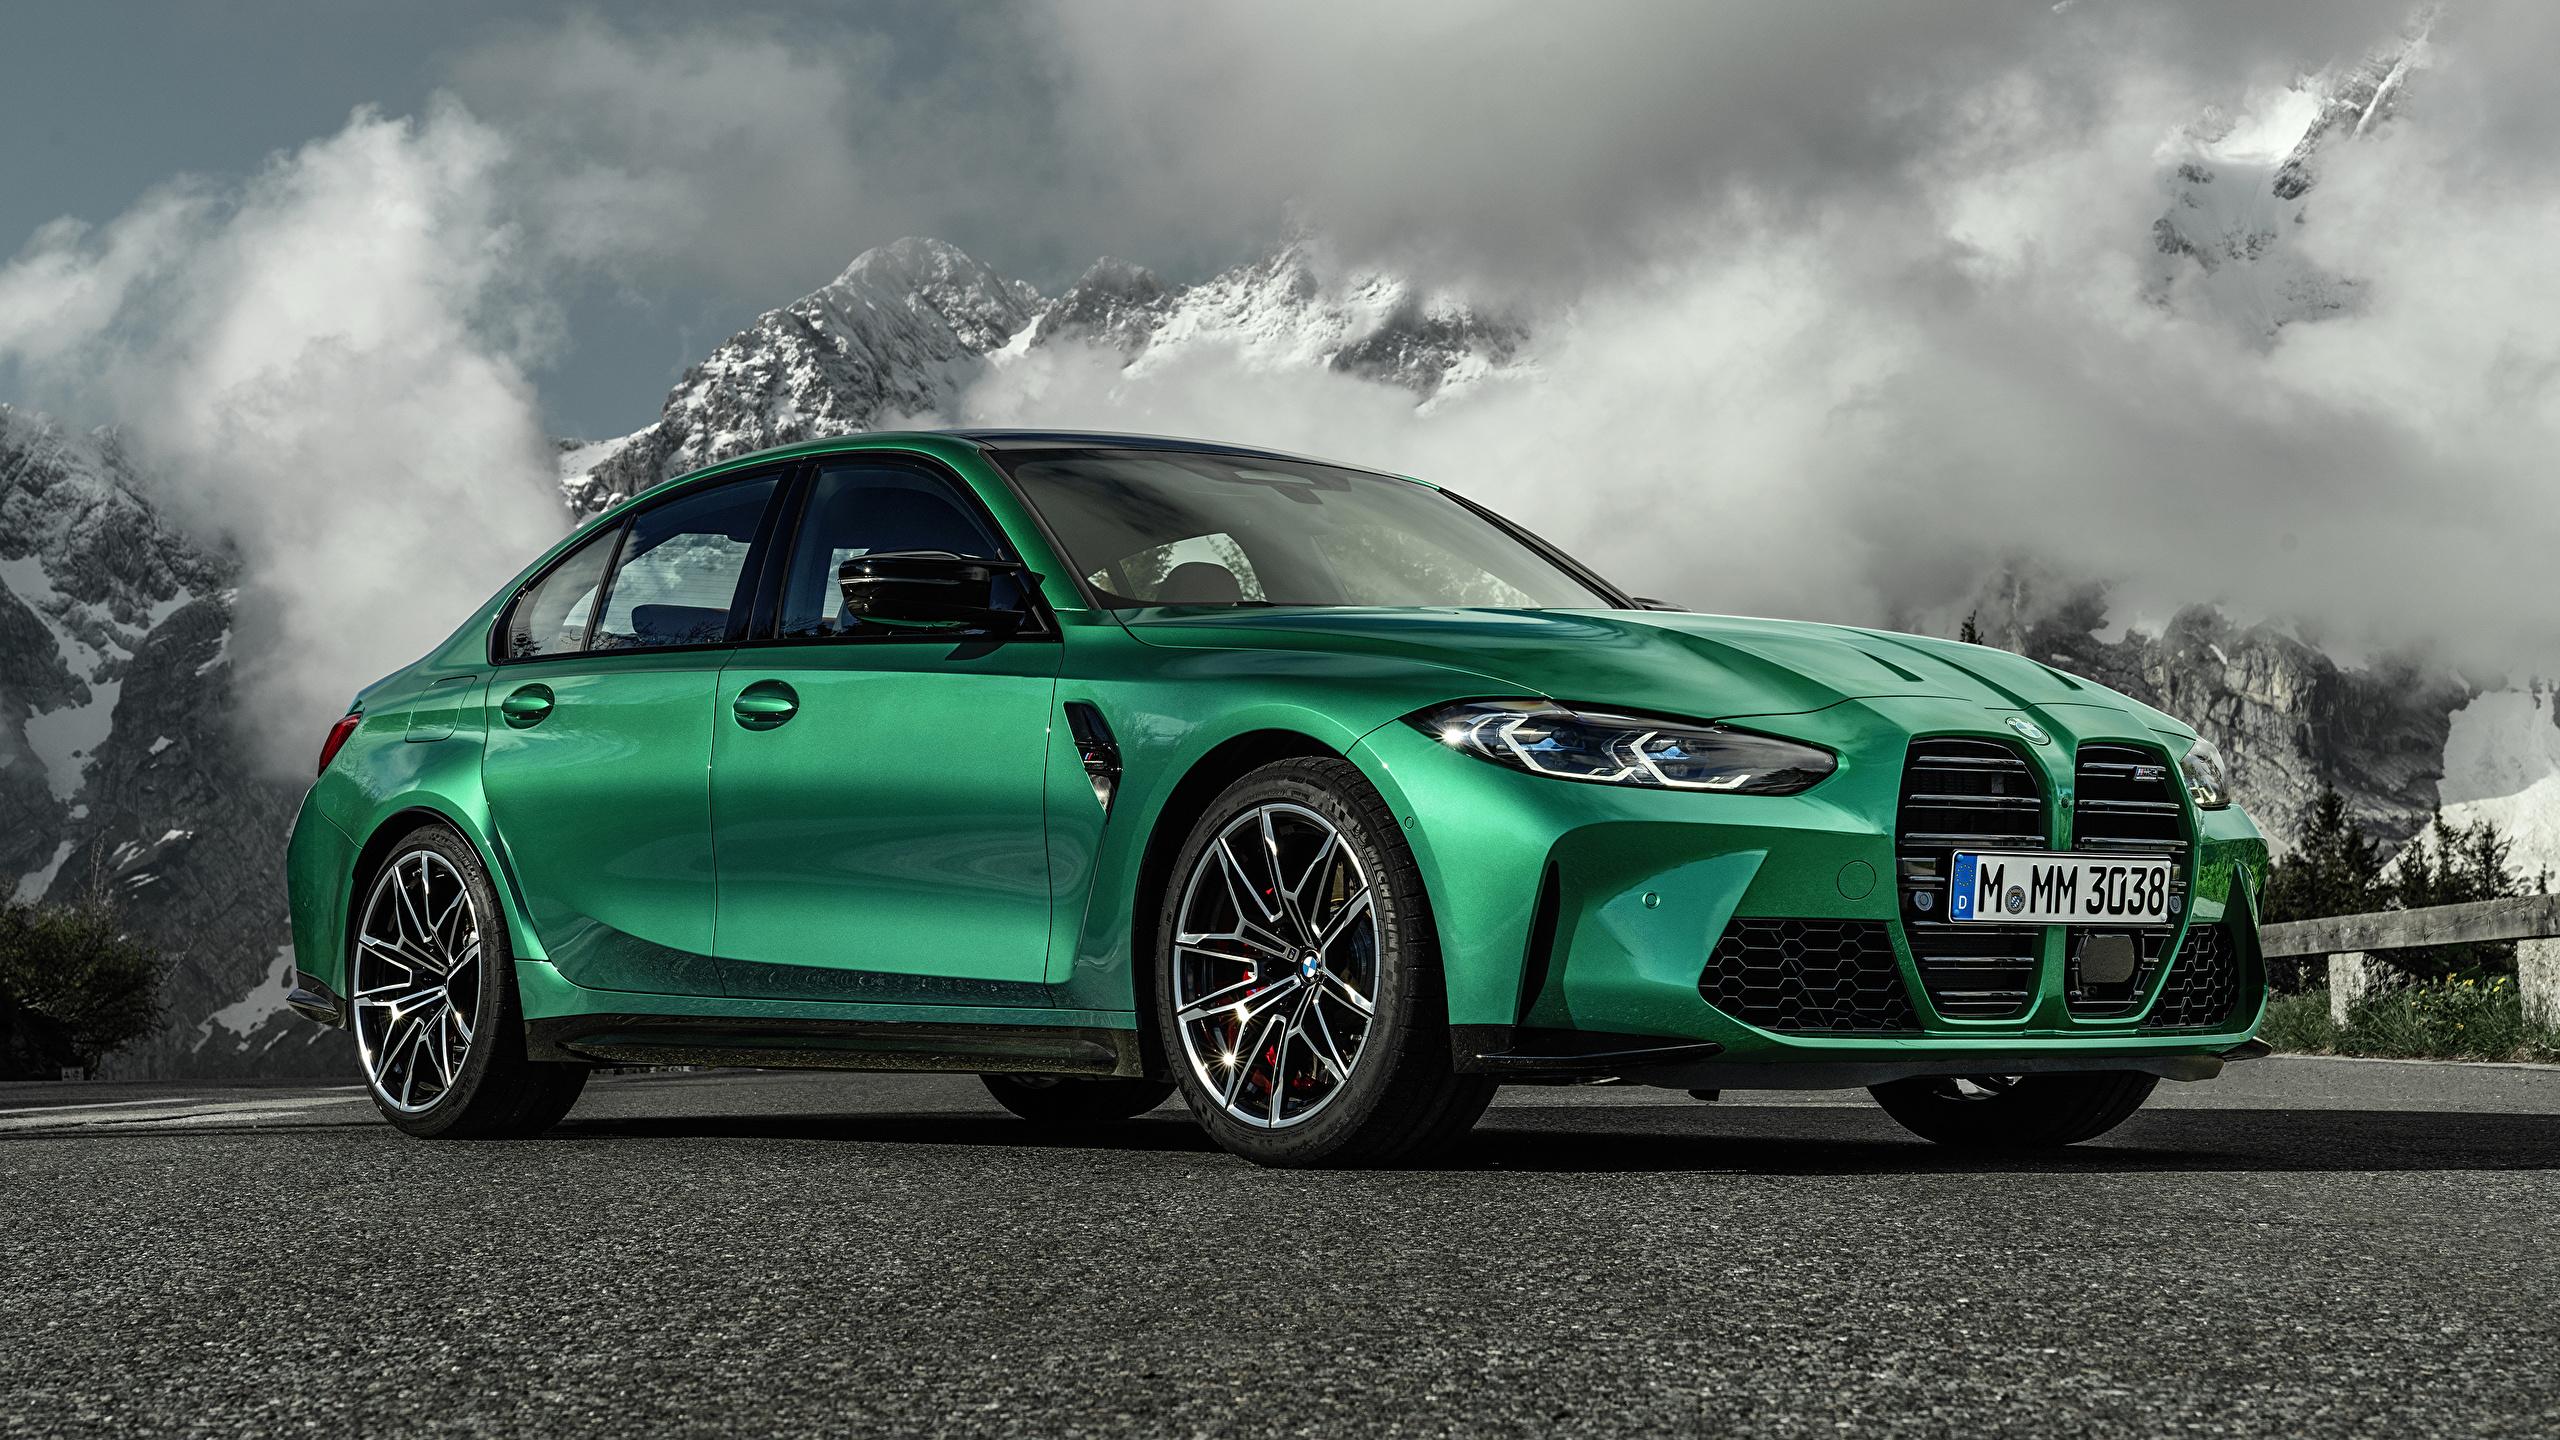 Papeis De Parede 2560x1440 Bmw M3 Competition G80 2020 Verde Metalico Carros Baixar Imagens